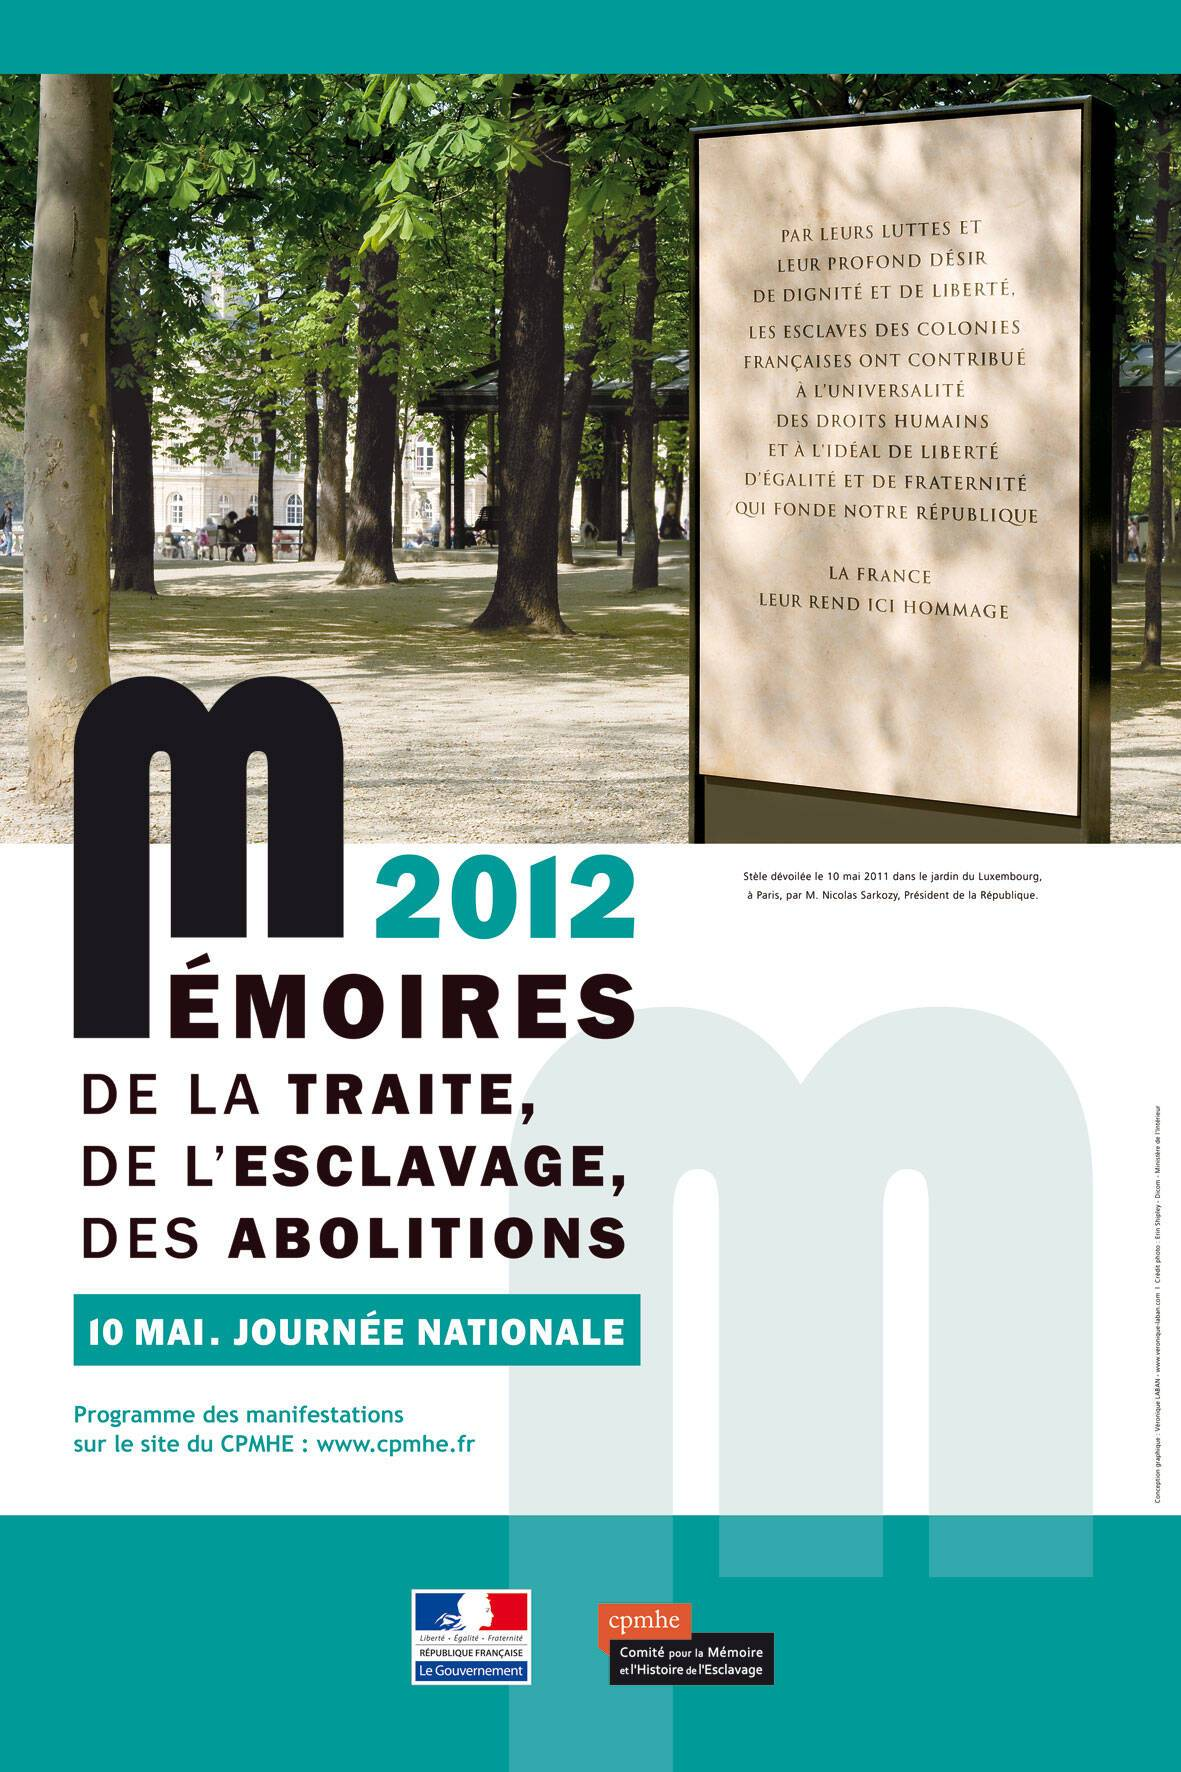 Affiche de la JOURNEE NATIONALE DES MEMOIRES DE LA TRAITE,  DE L'ESCLAVAGE ET DE LEURS ABOLITIONS